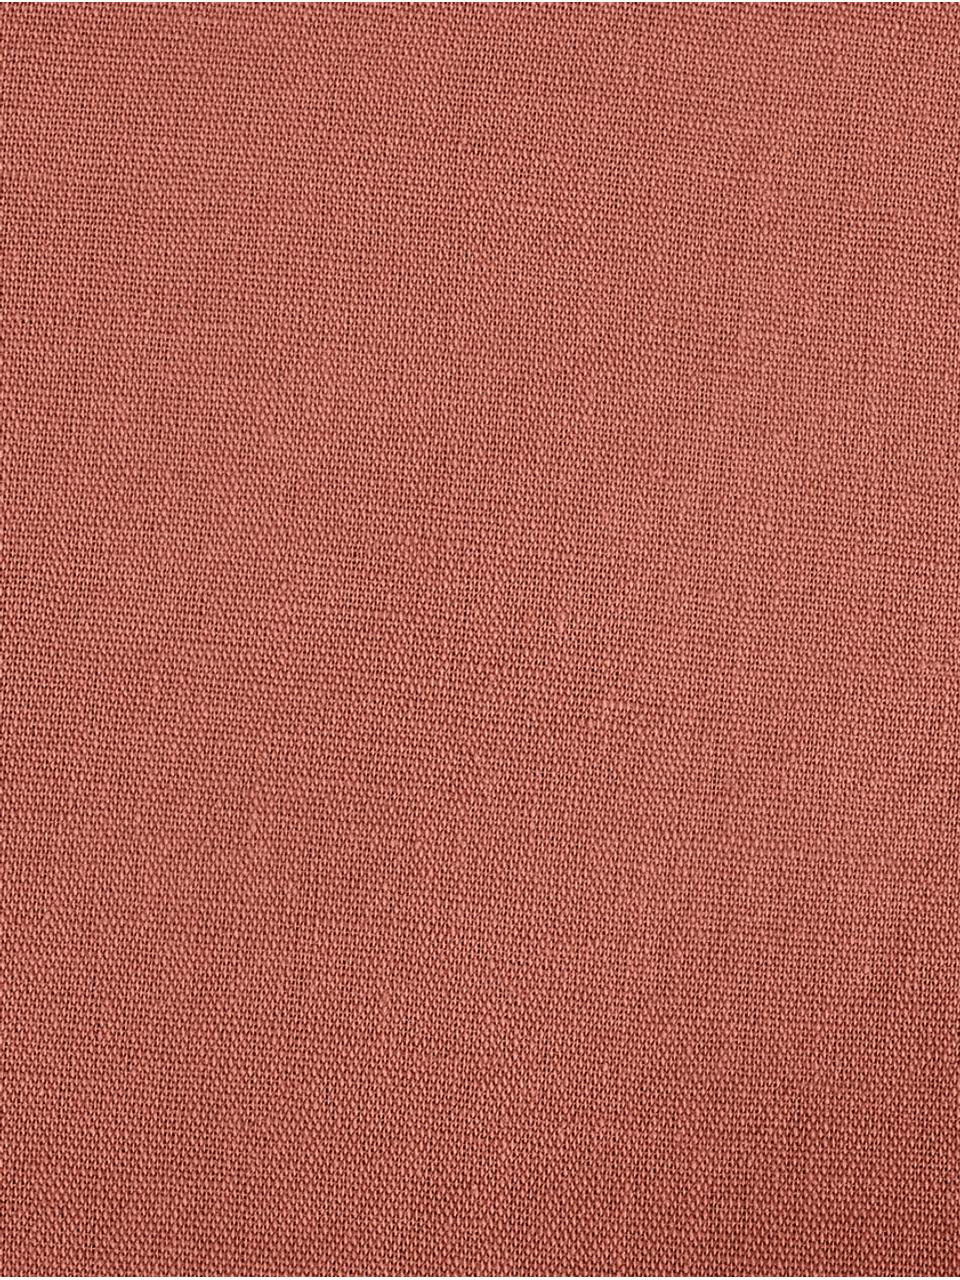 Parure copripiumino in lino lavato Nature, 52% lino, 48% cotone Con effetto stonewash per una presa morbida, Terracotta, 255 x 200 cm